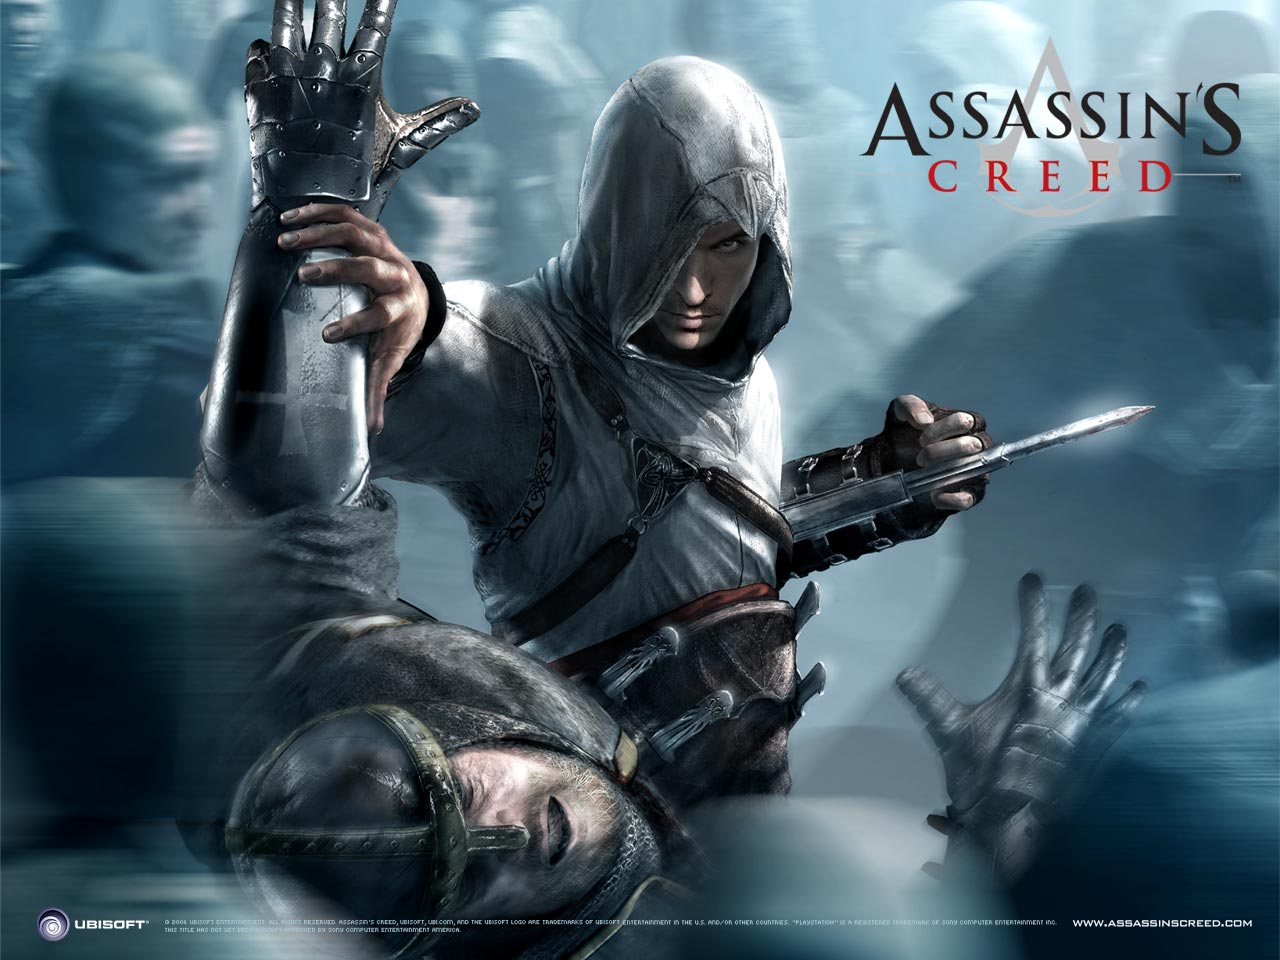 s1600Assassins creed 1024 x 768 14jpg Assassins creedjpg 1280x960